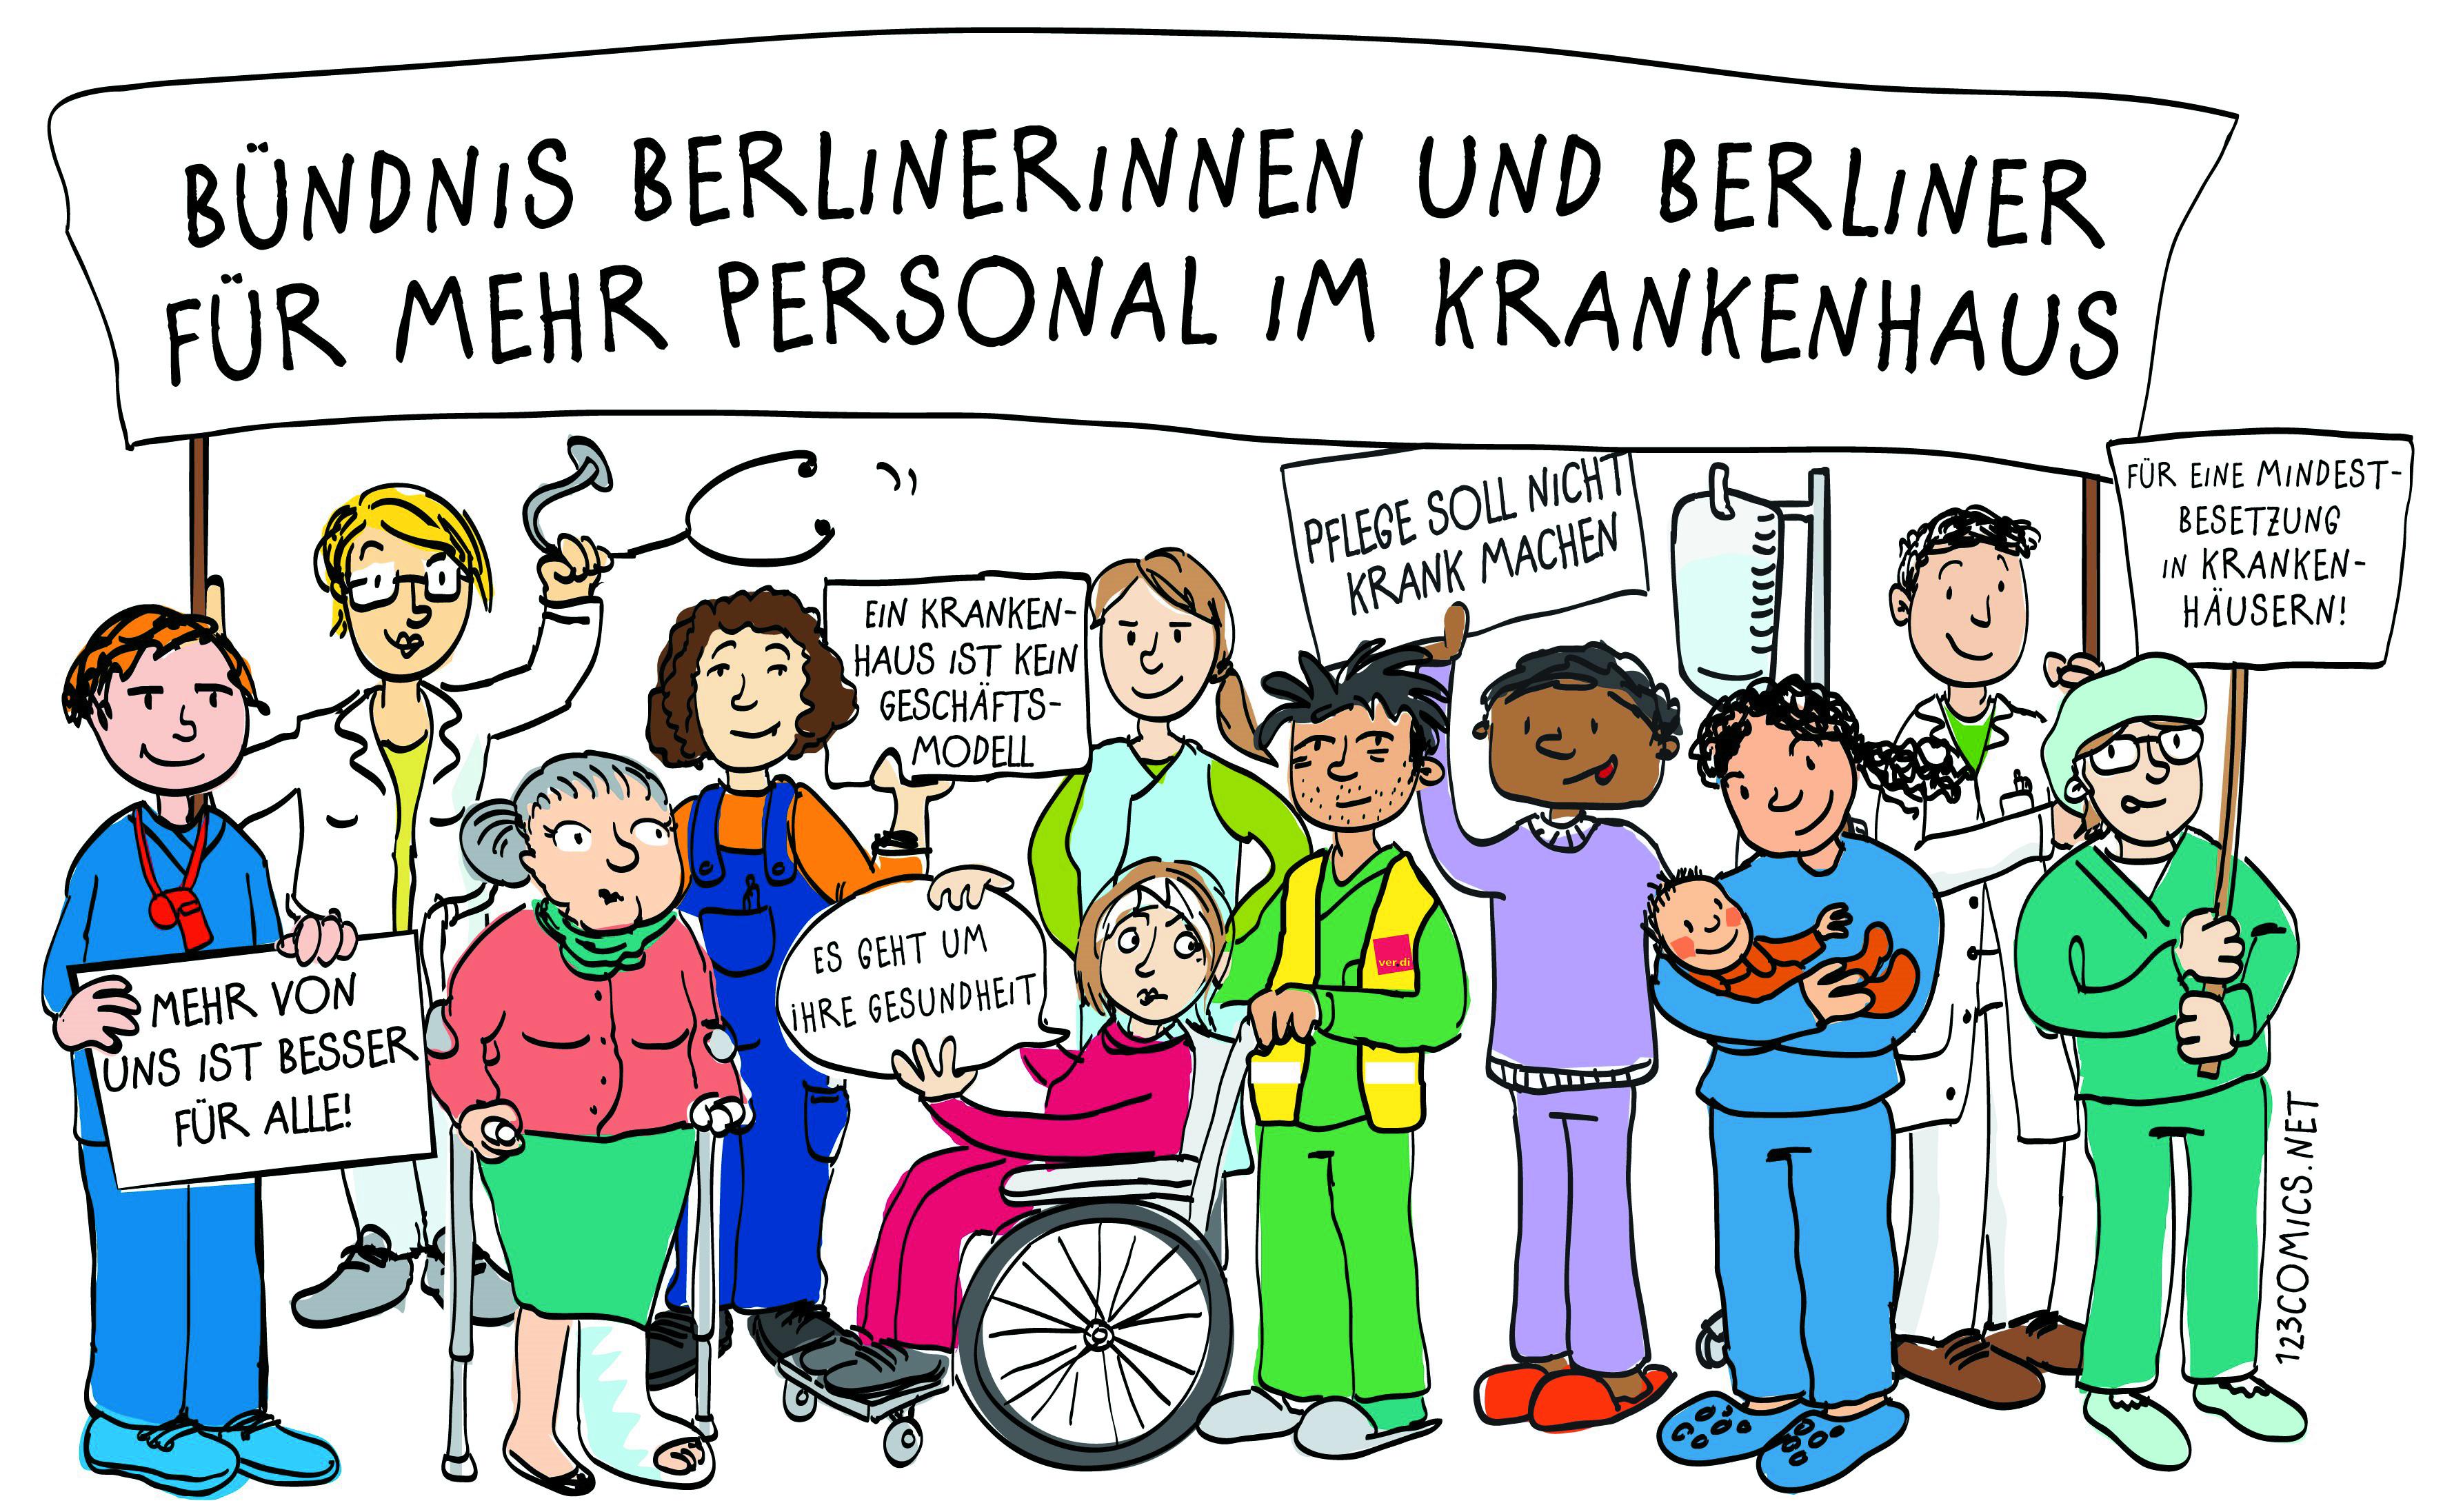 Foto: 123Comics. Lizenz: All rights reserved. Das Bündnis Berlinerinnen und Berliner für mehr Personal im Krankenhaus gründet sich im Juli 2013 um sich mit den Streikenden zu solidarisieren, aber auch, um eigene Interessen an einer guter pflegerischen Versorgung im Krankenhaus durchzusetzen.